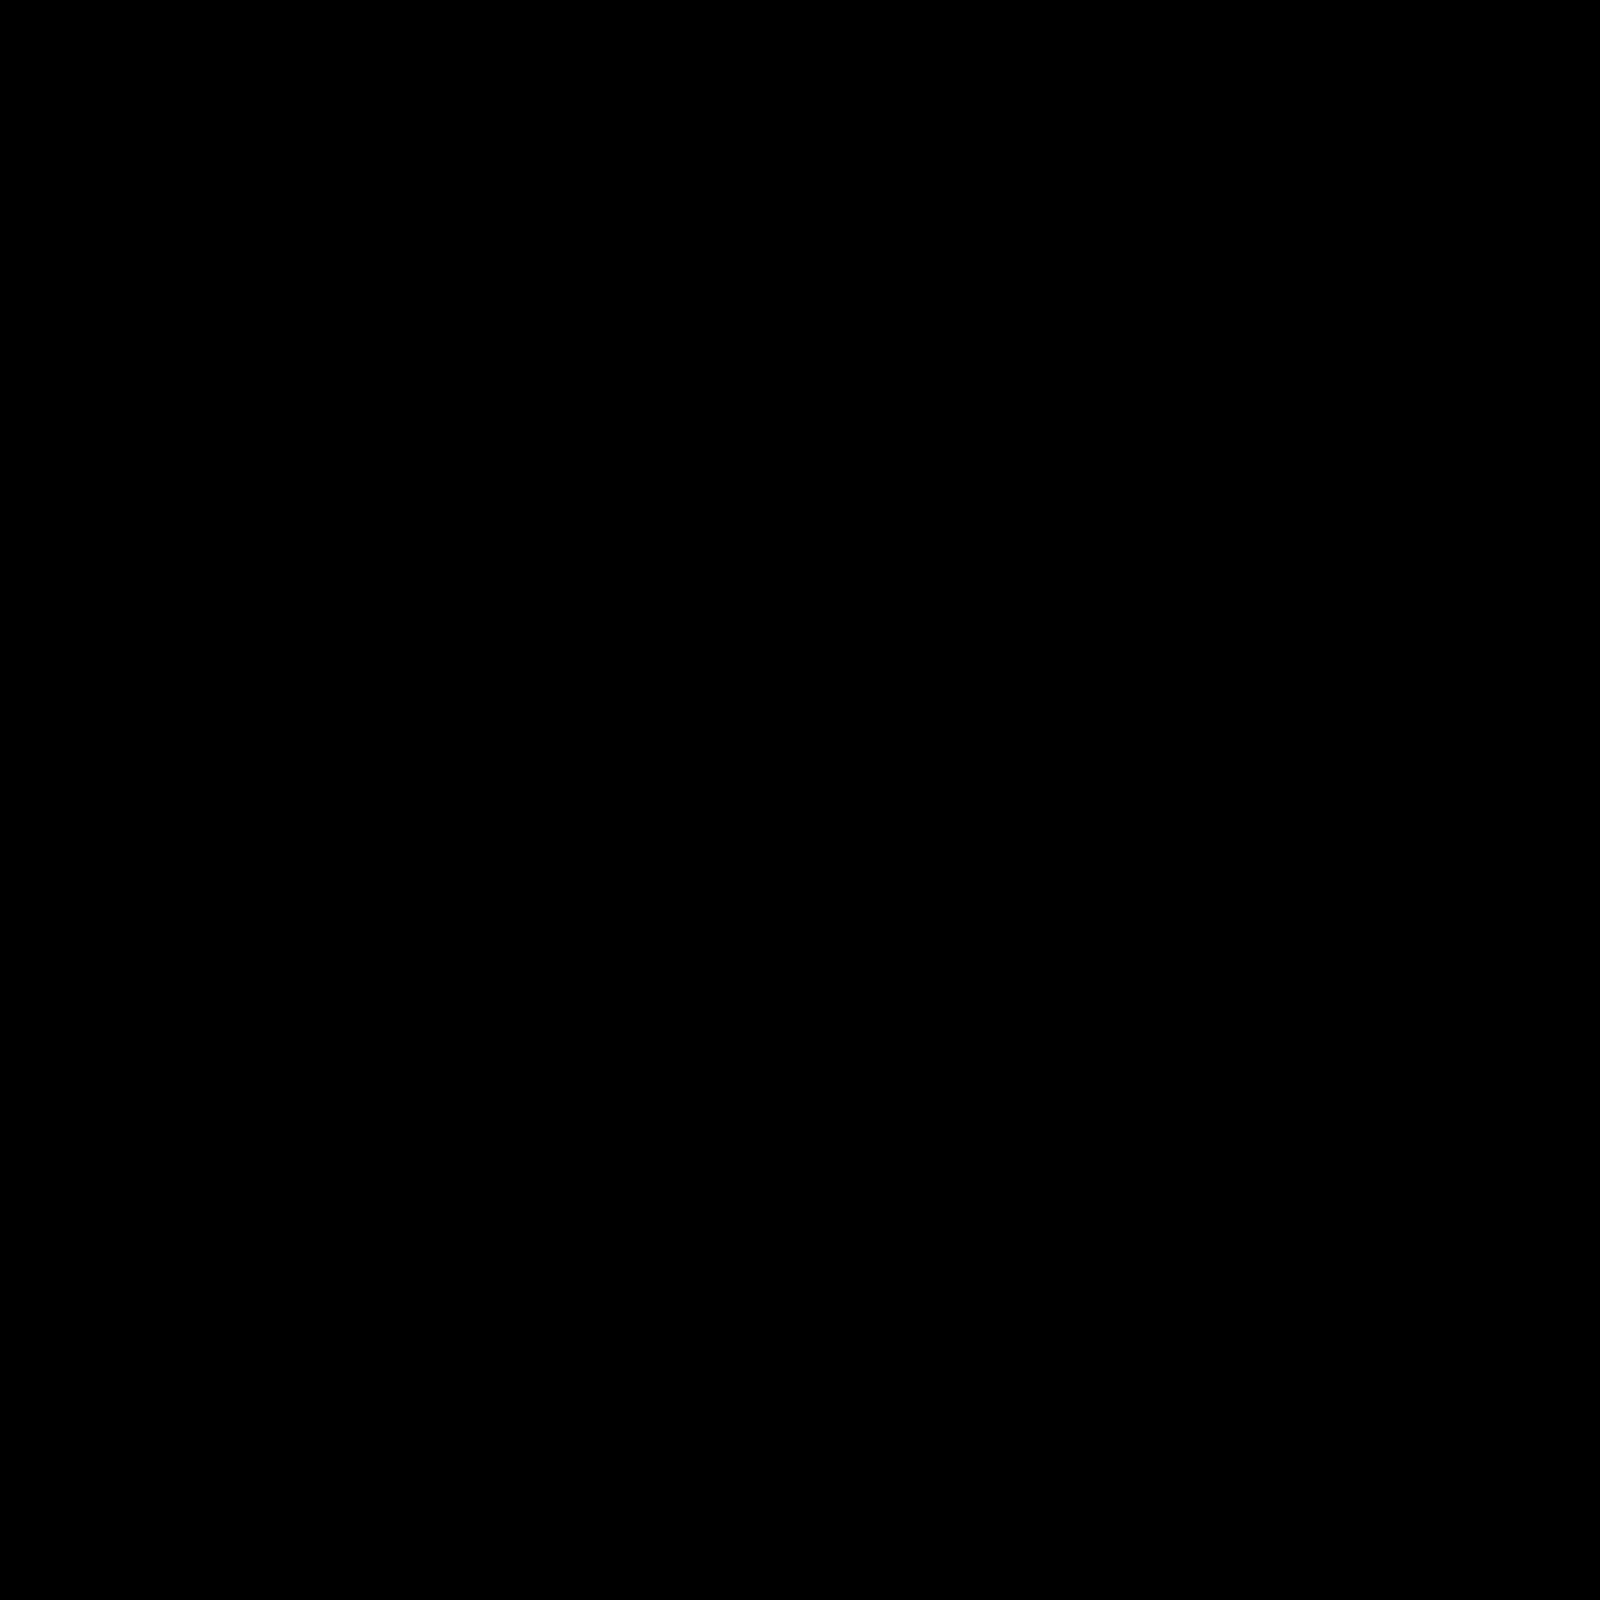 クリップボードから解析 icon